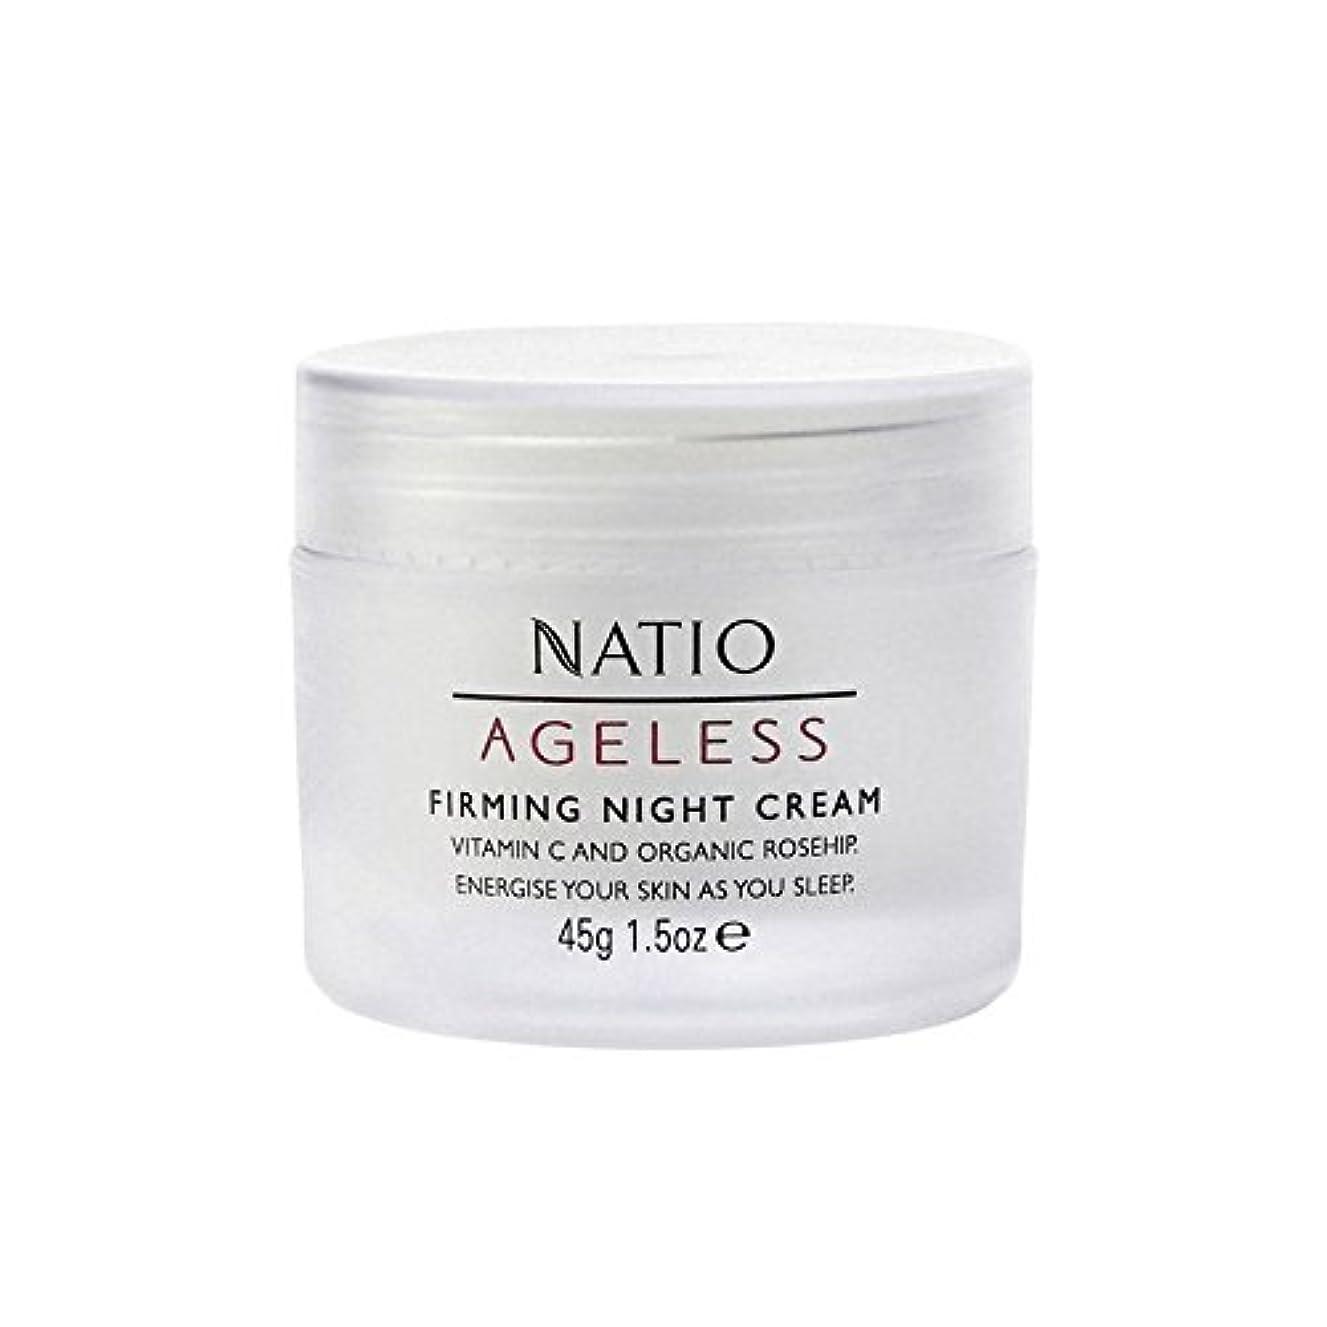 妖精ファンブル相反するNatio Ageless Firming Night Cream (45G) - 永遠ファーミングナイトクリーム(45グラム) [並行輸入品]